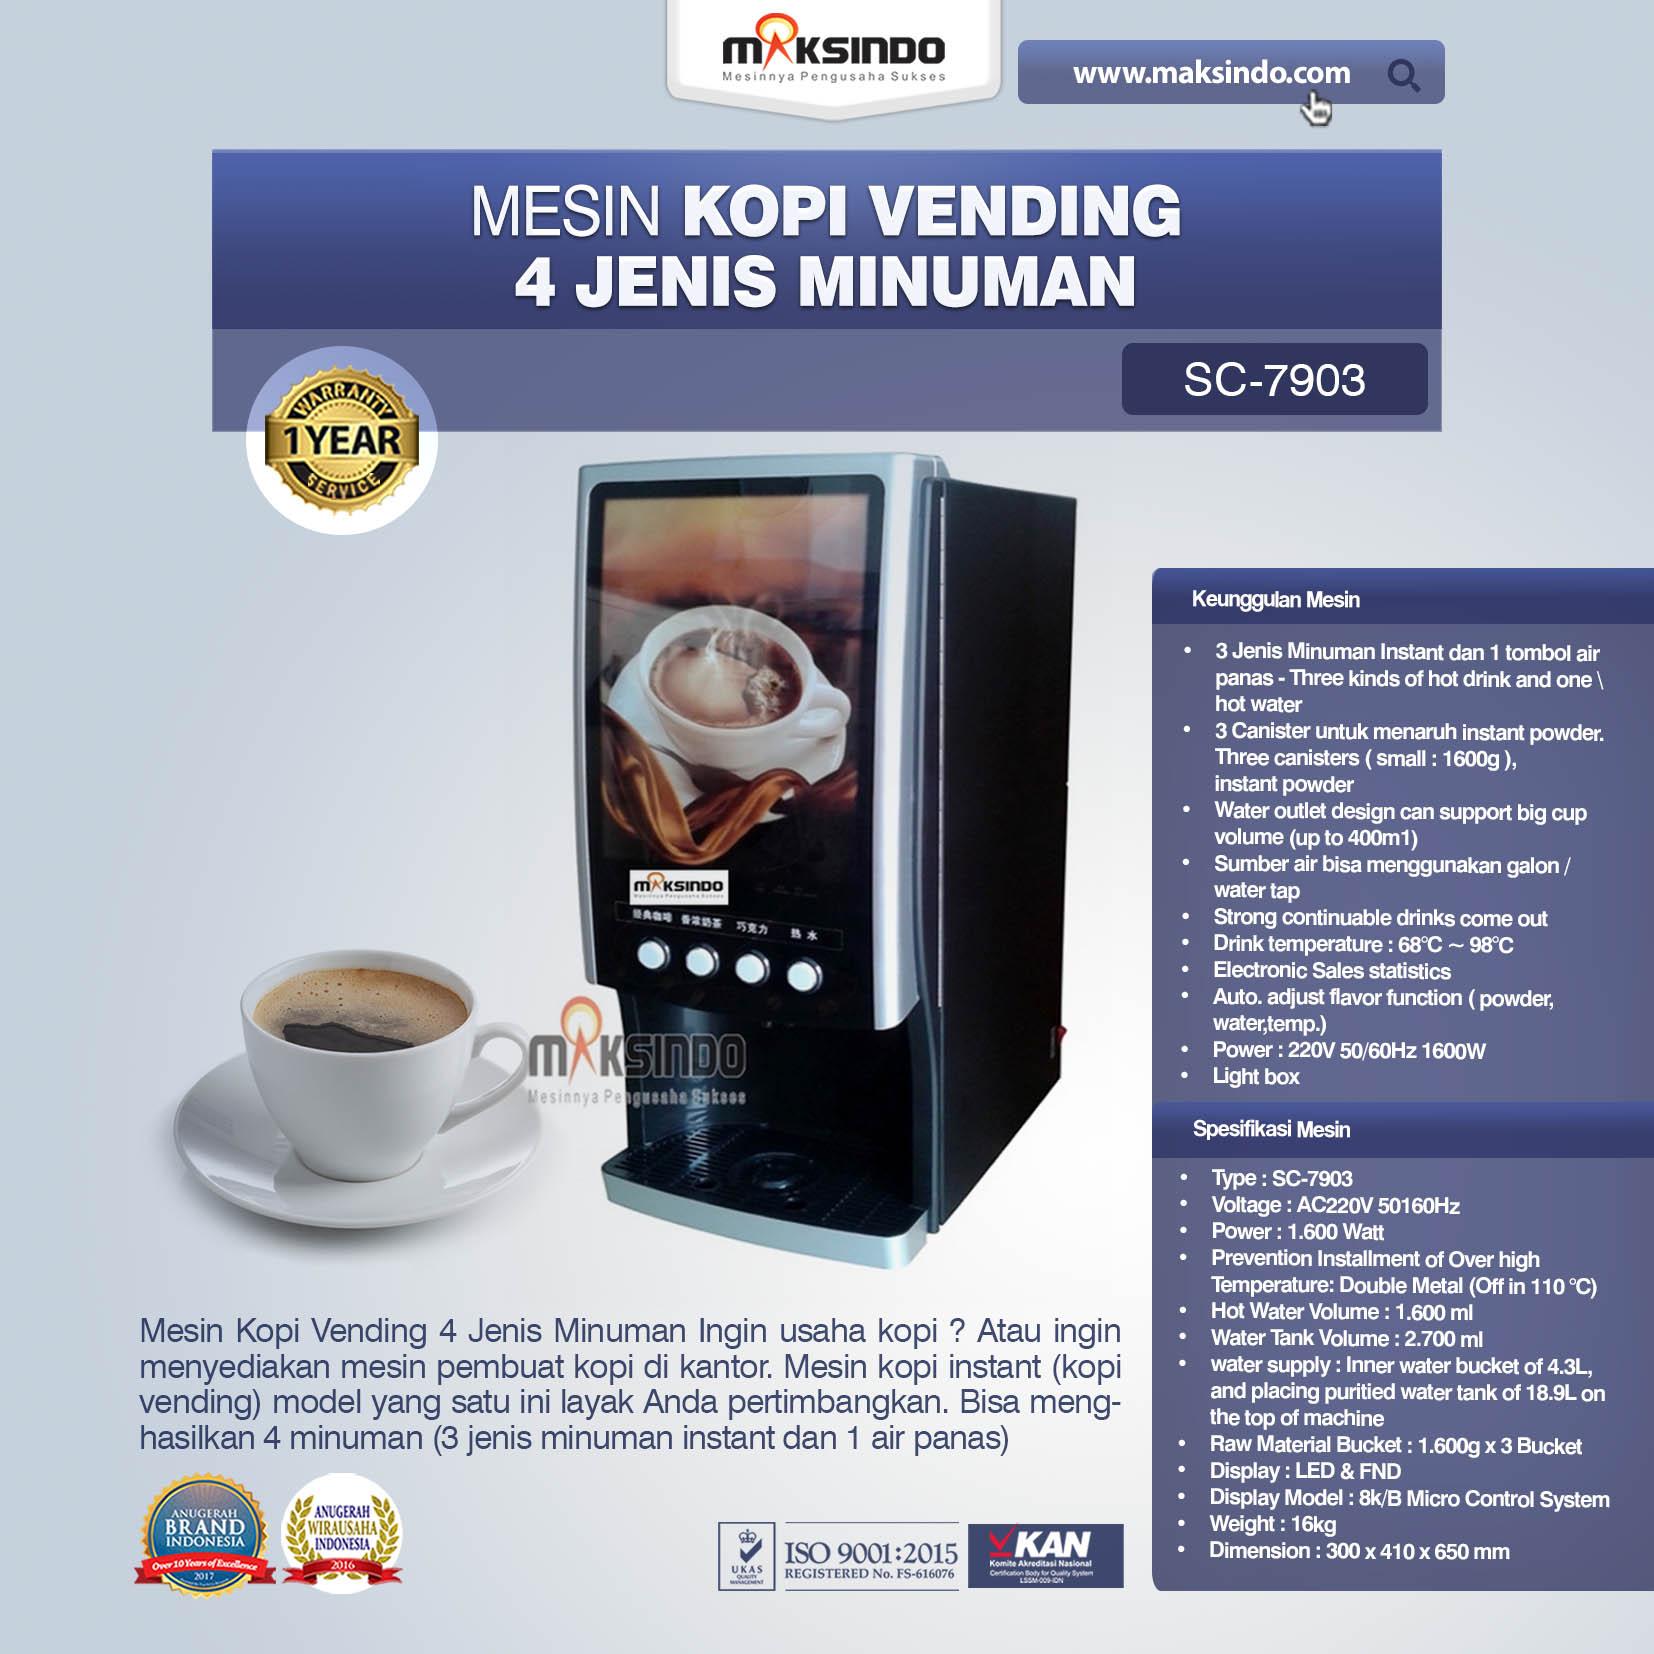 Jual Mesin Kopi Vending 4 Jenis Minuman di Medan